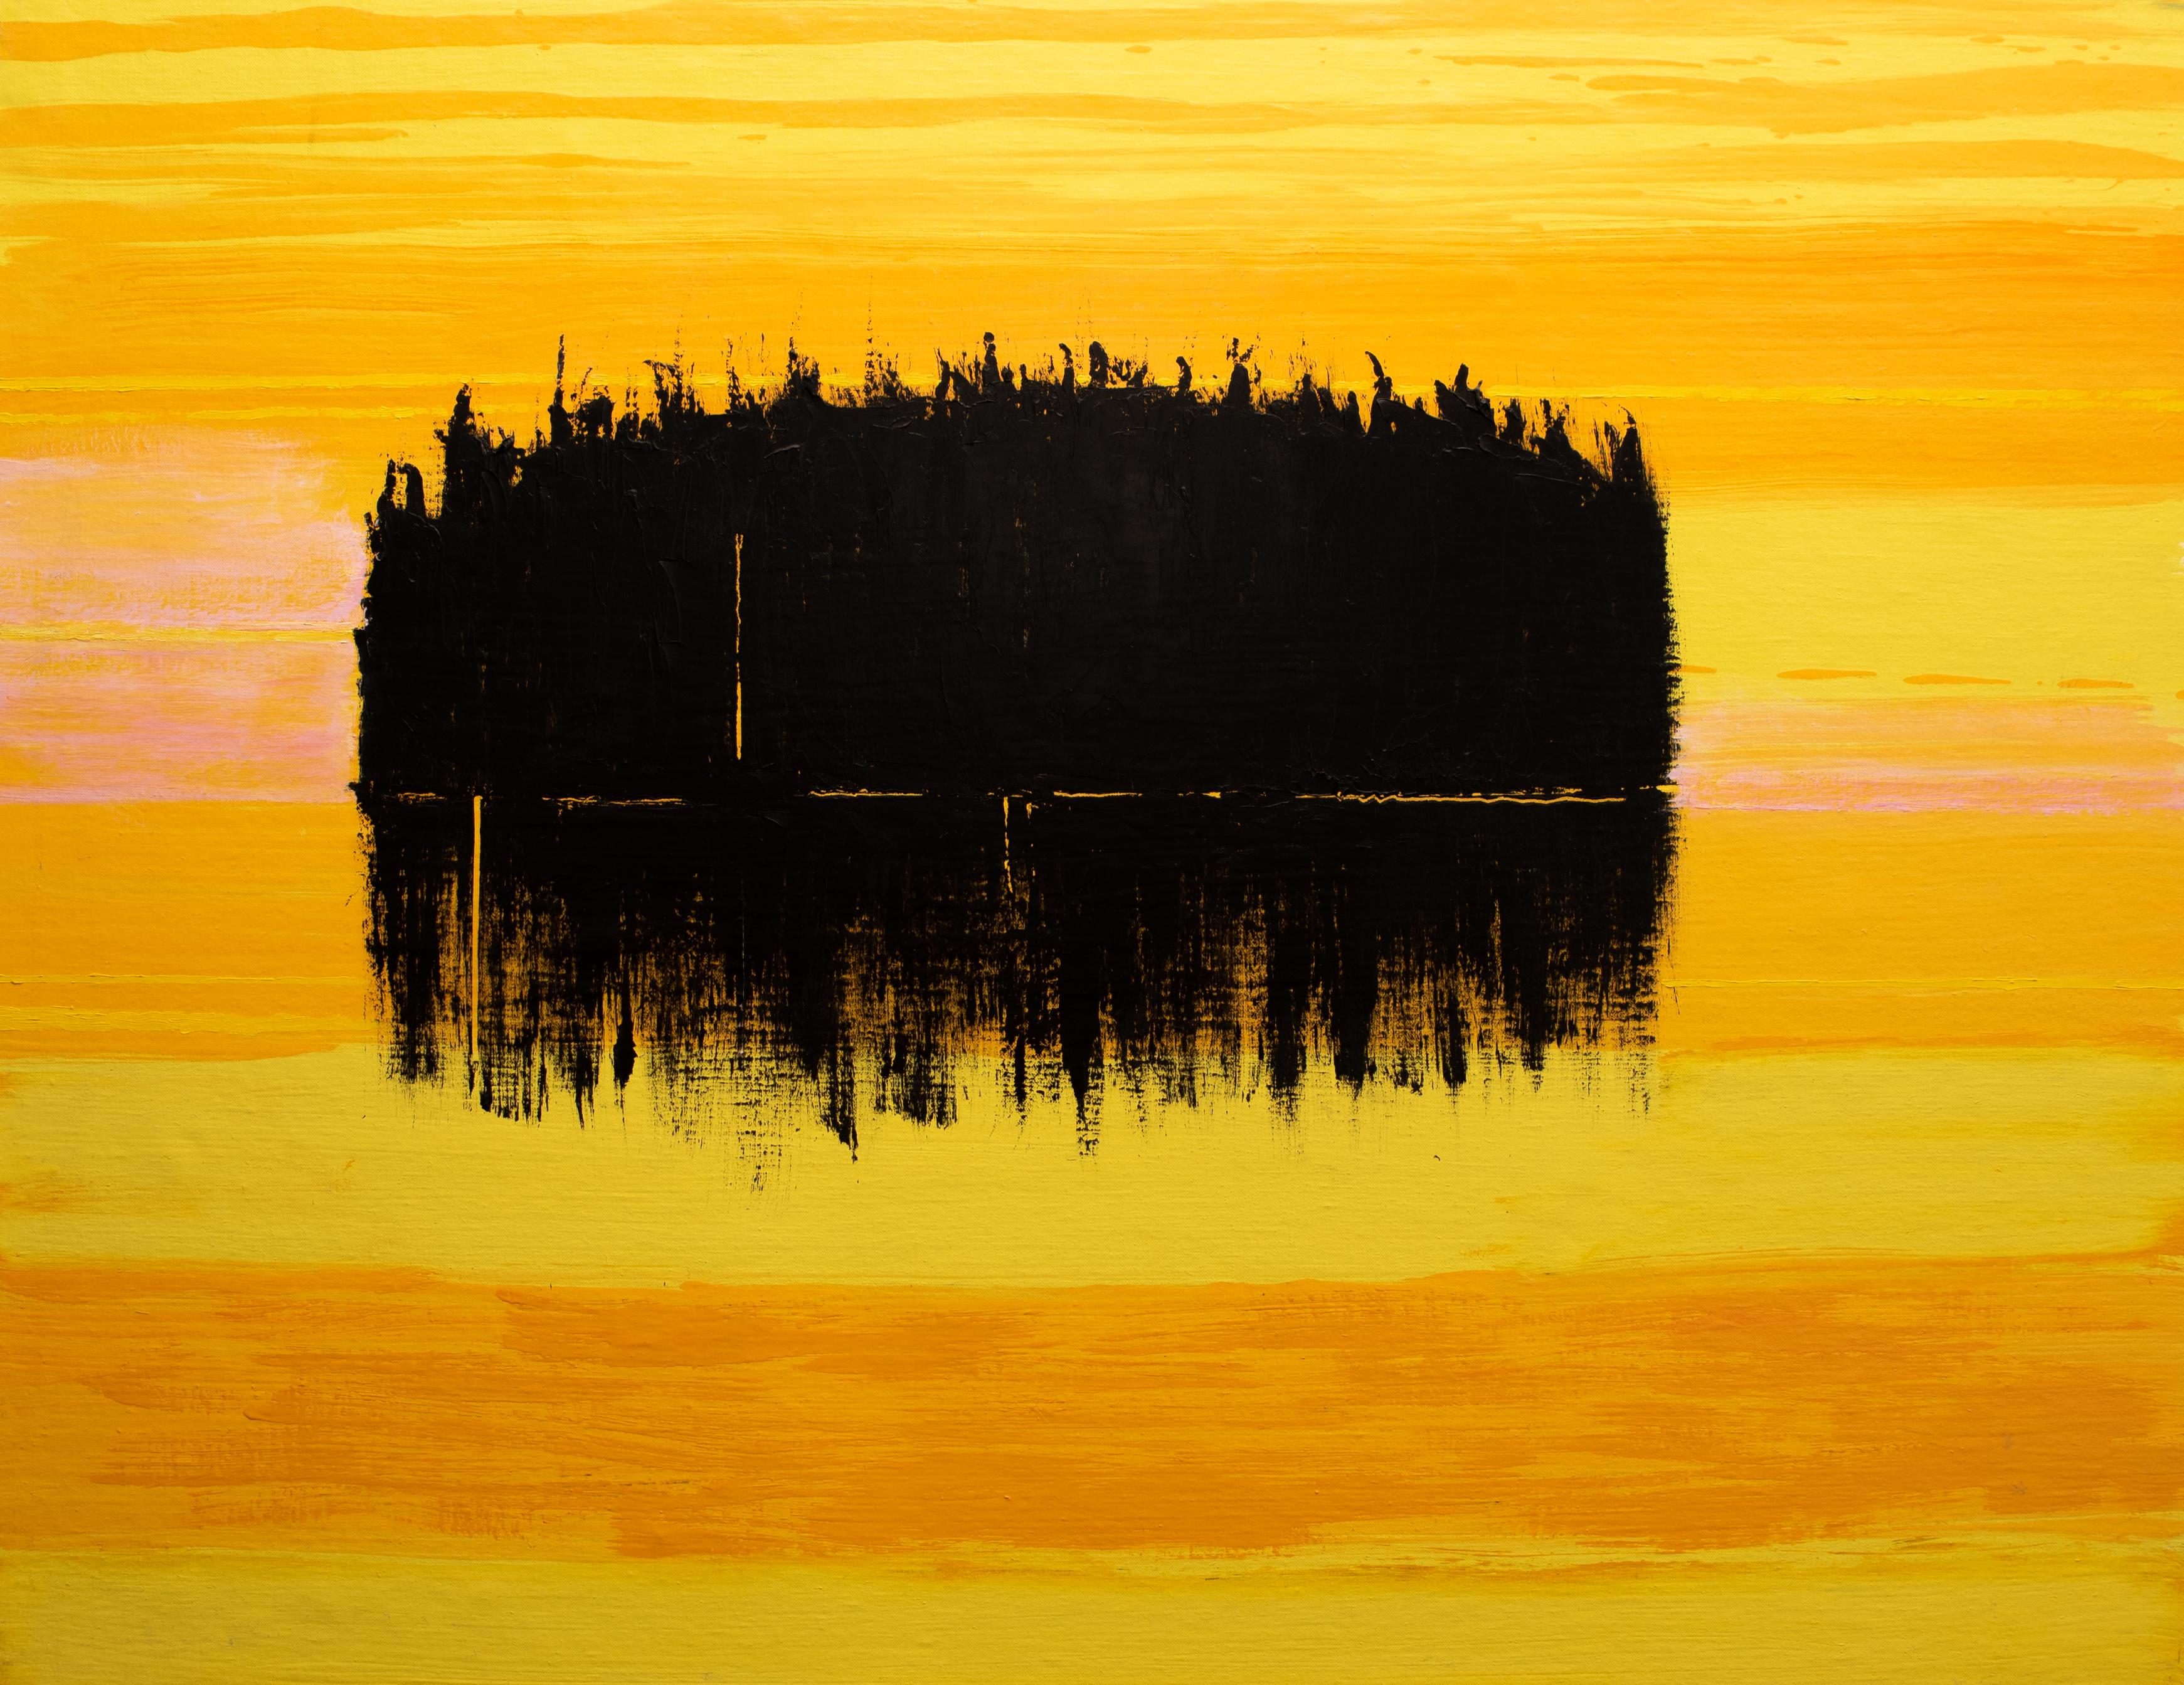 Ön om morgonen - Klicka för att byta till perspektivbild.